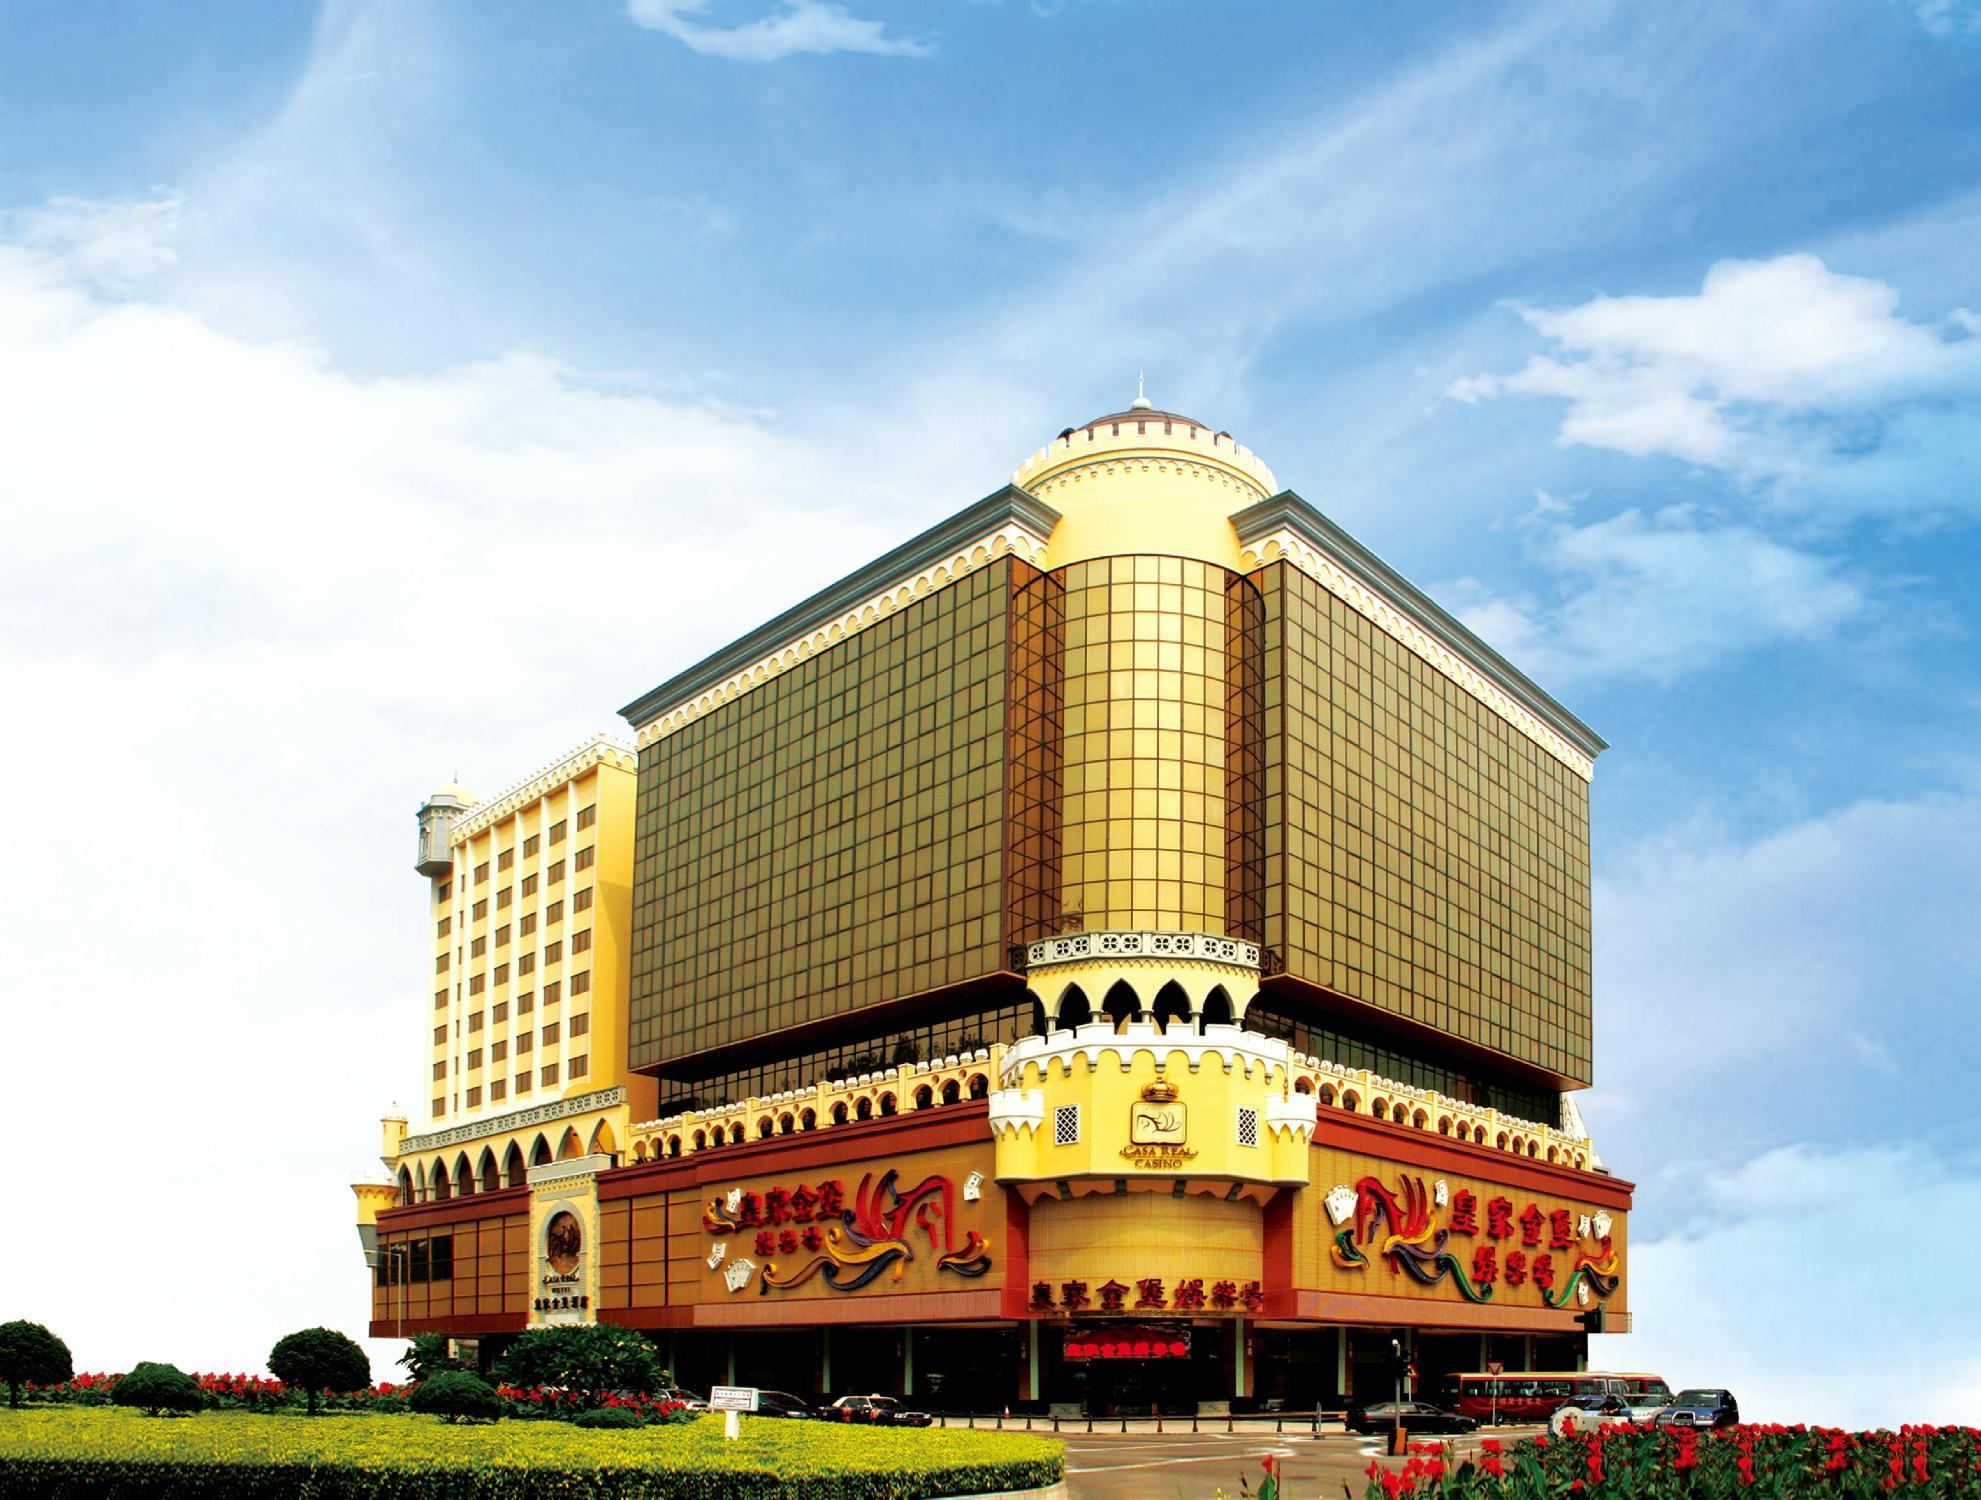 โรงแรมคาซ่ารีล Casa Real Hotel